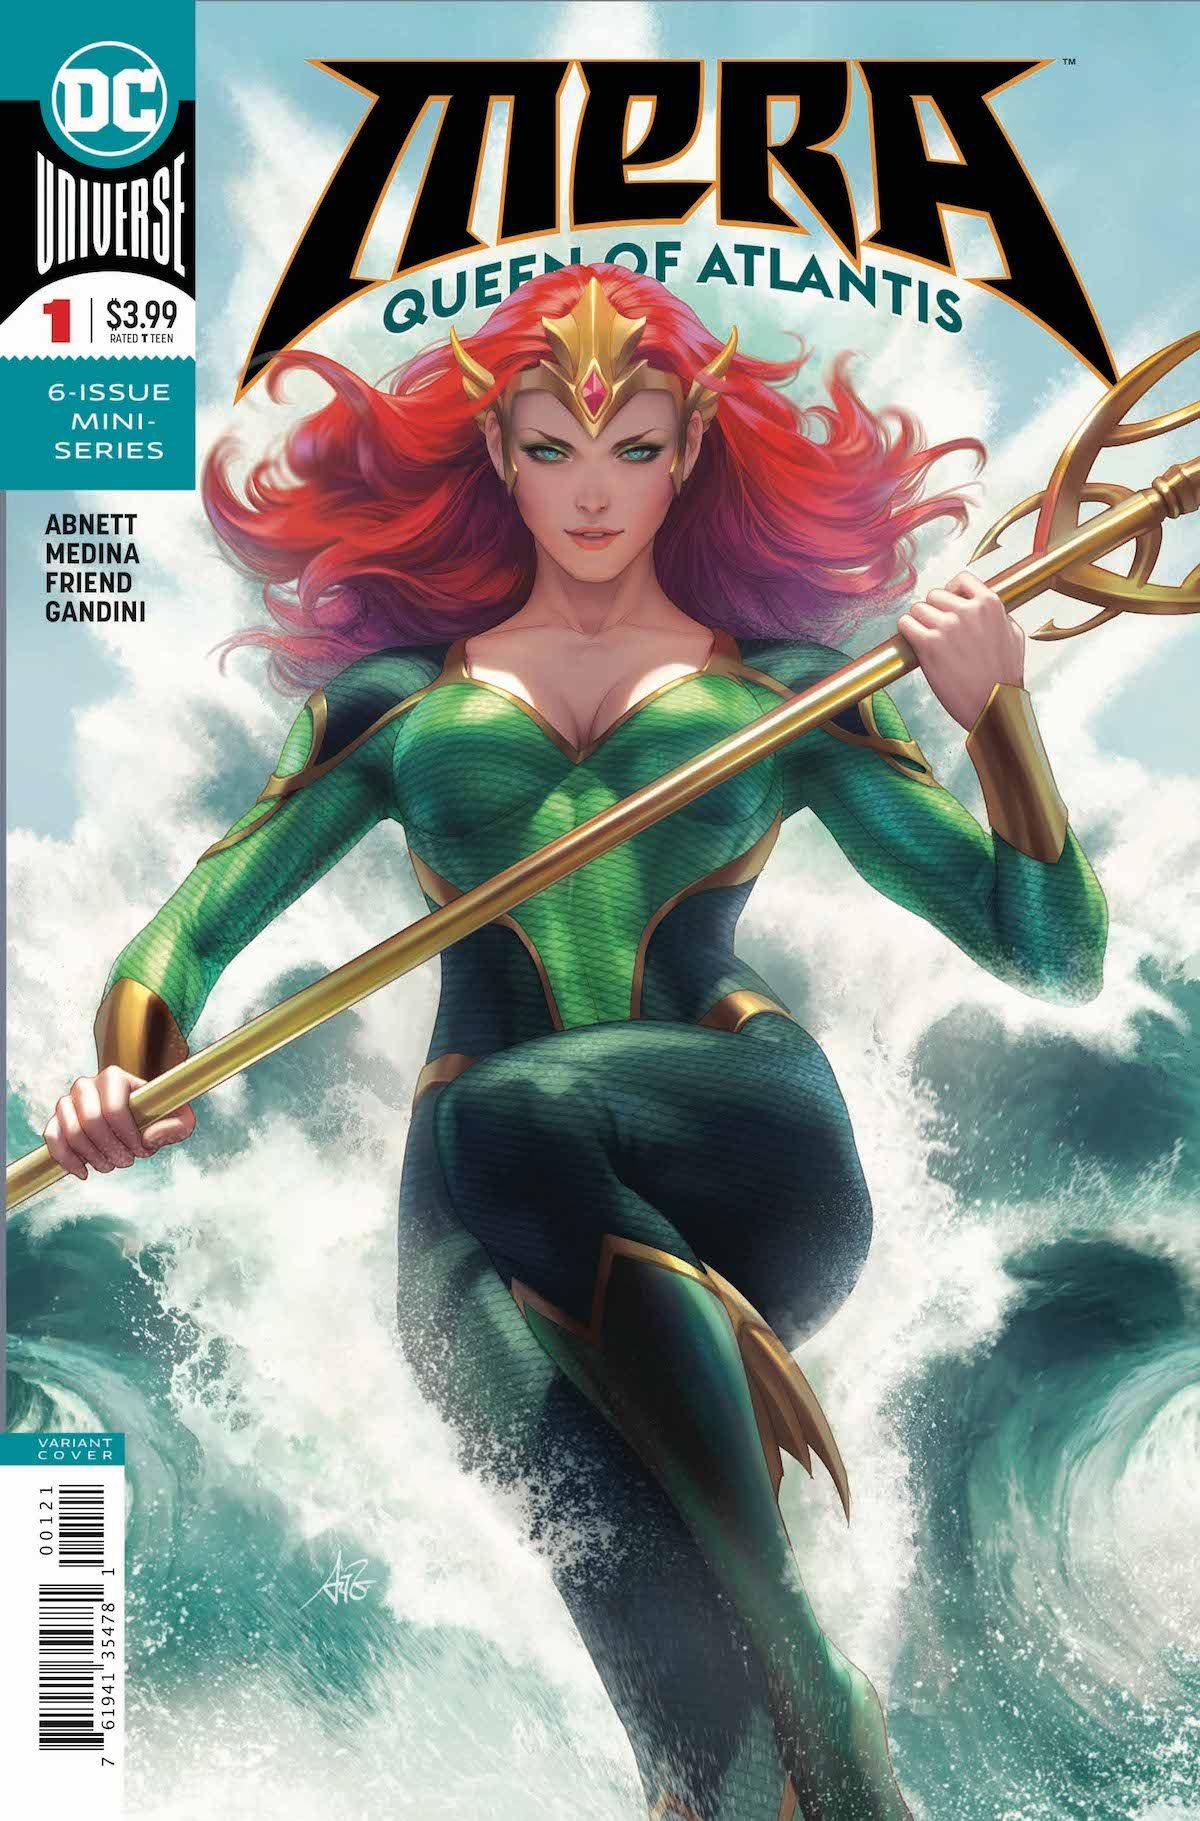 Mera Queen of Atlantis #1